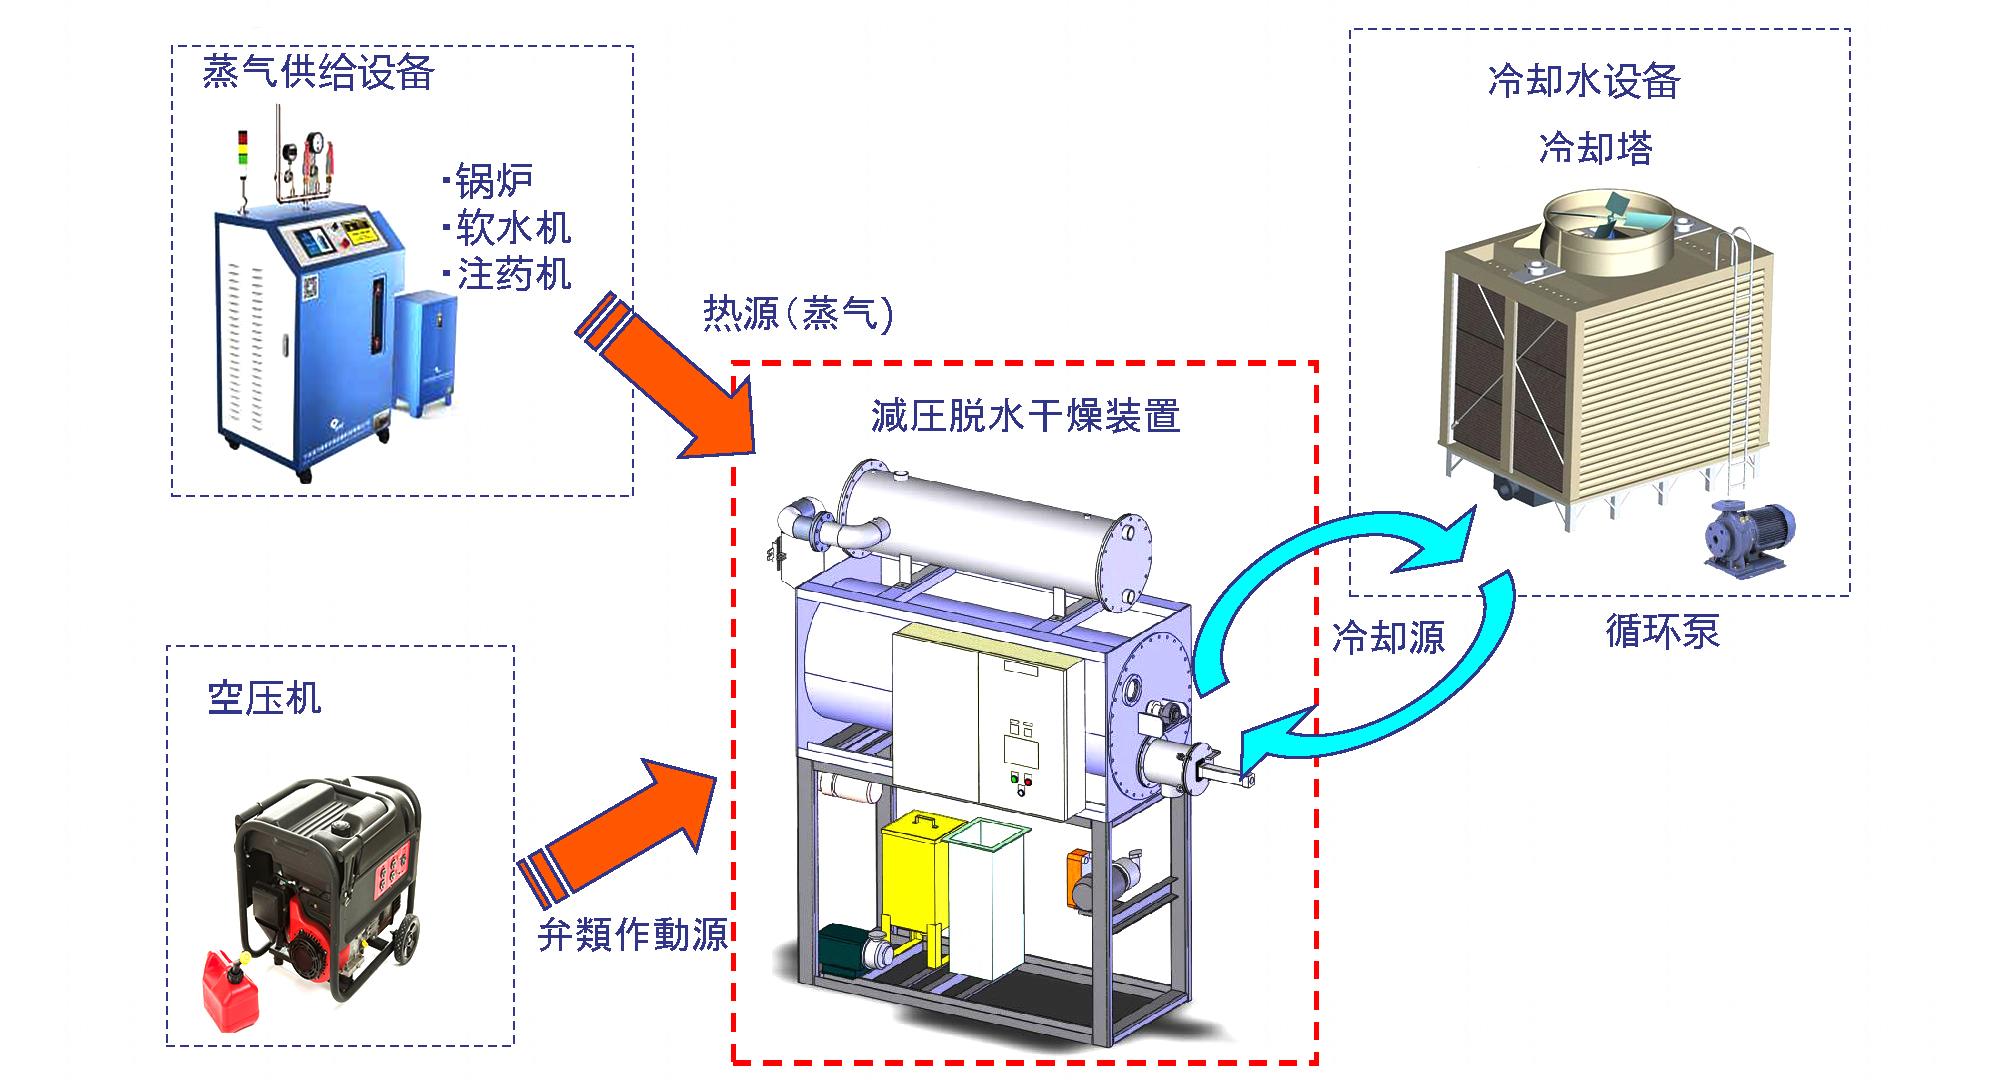 低温蒸发器周边配套设备